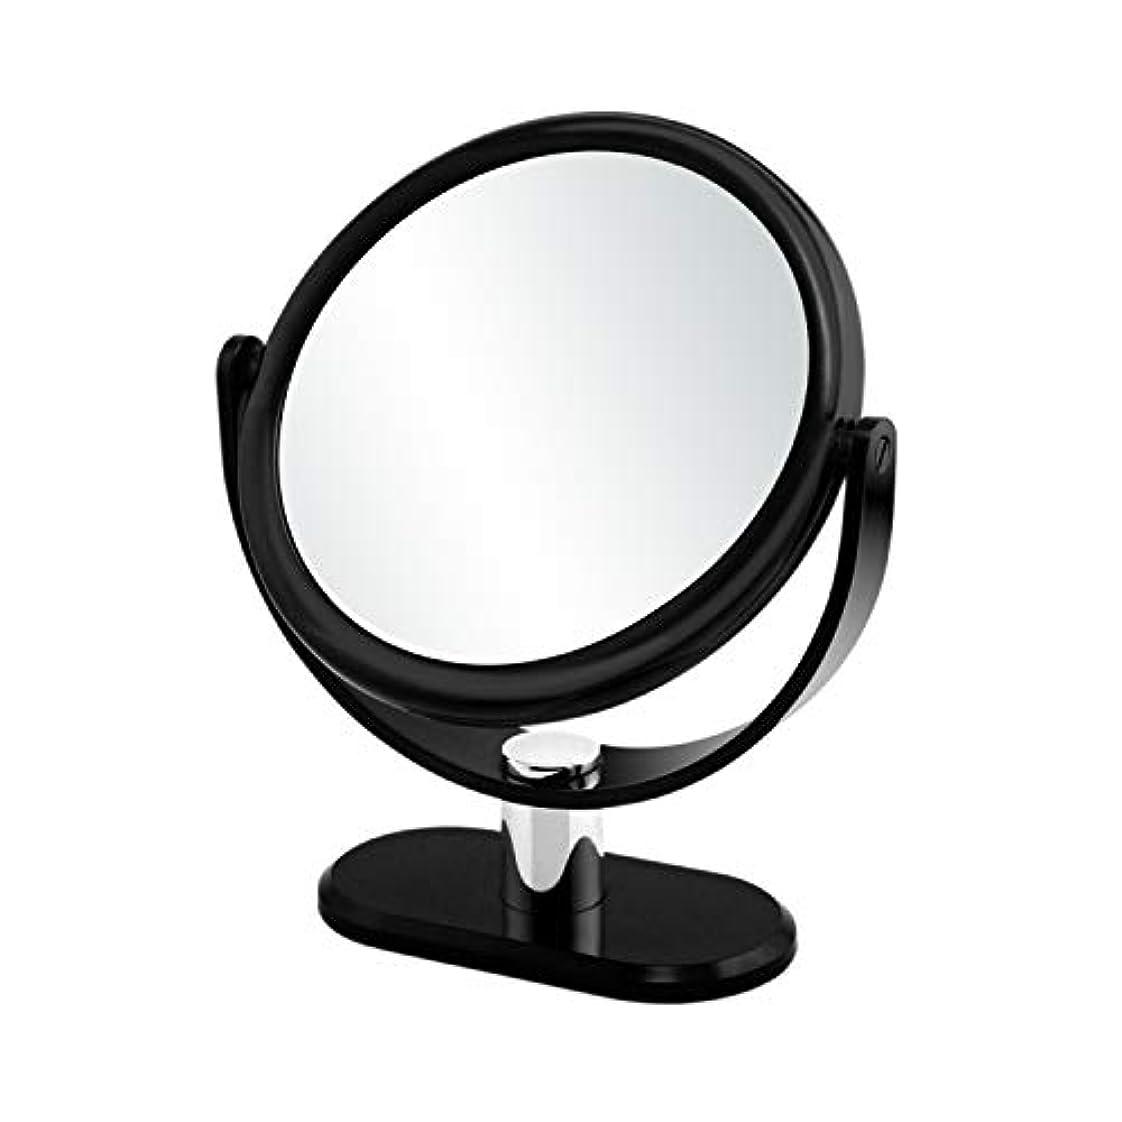 王族解くチャンスGorwRich ブラック卓上鏡 化粧鏡 スタンドミラー 女優ミラー 卓上ミラー 両面鏡 7倍拡大鏡と等倍鏡